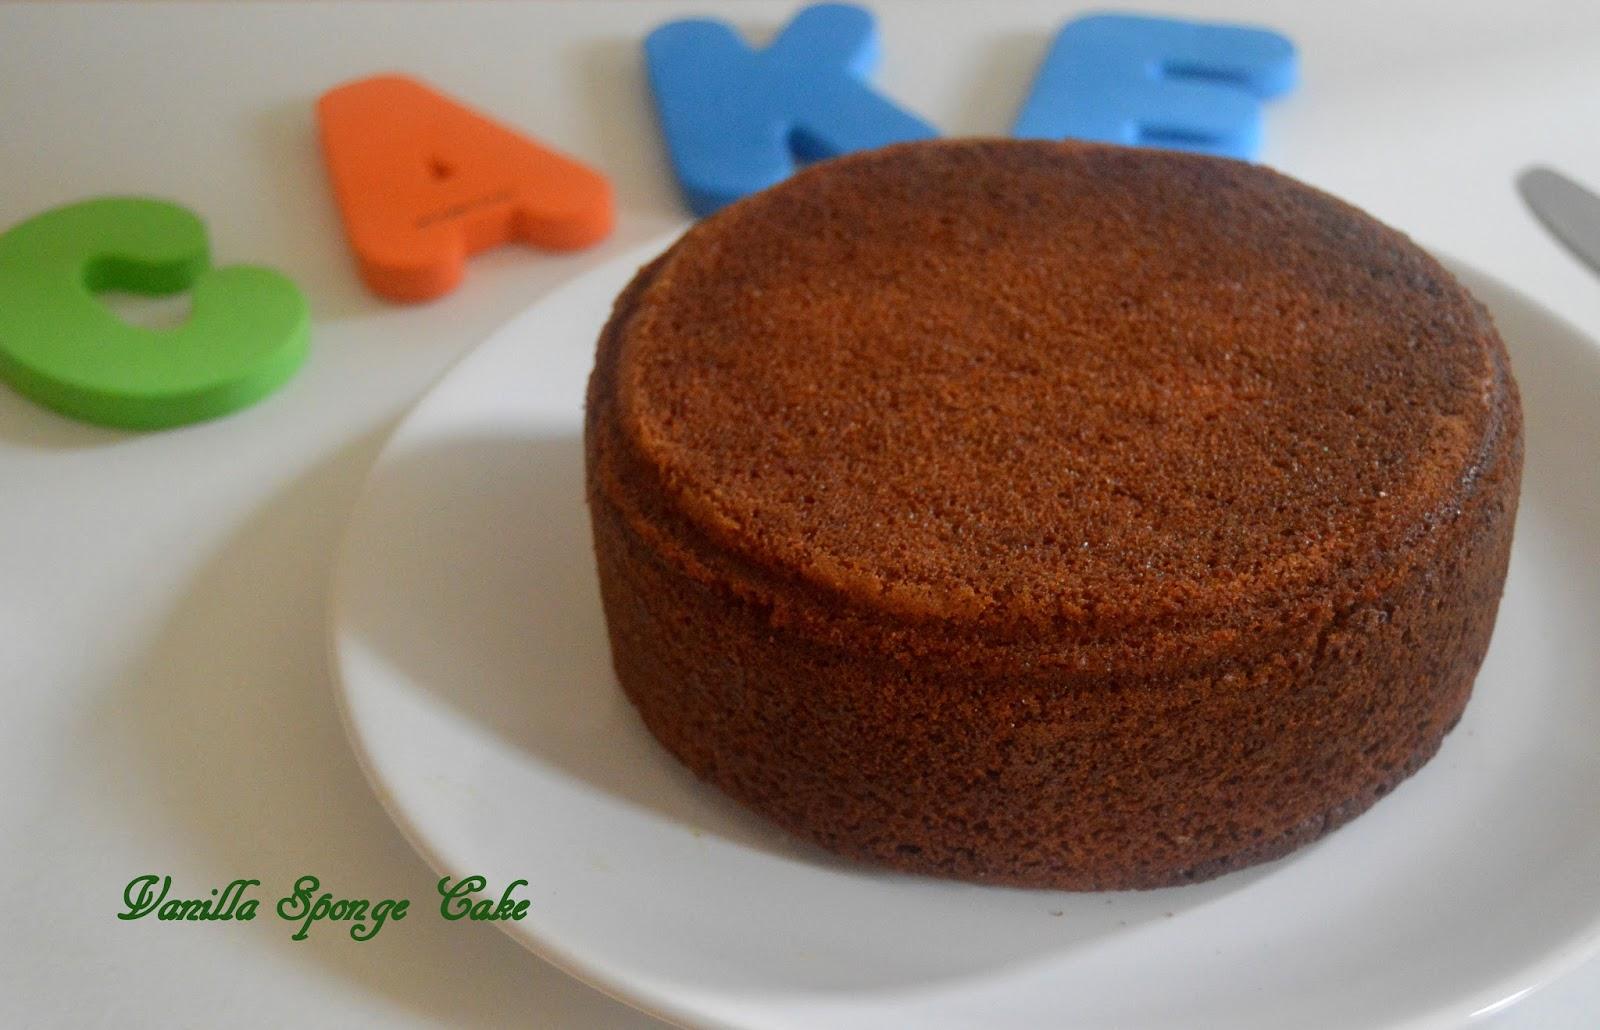 Sponge Cake Recipe Uk Plain Flour: Pavi's Platter: Simple Vanilla Sponge Cake